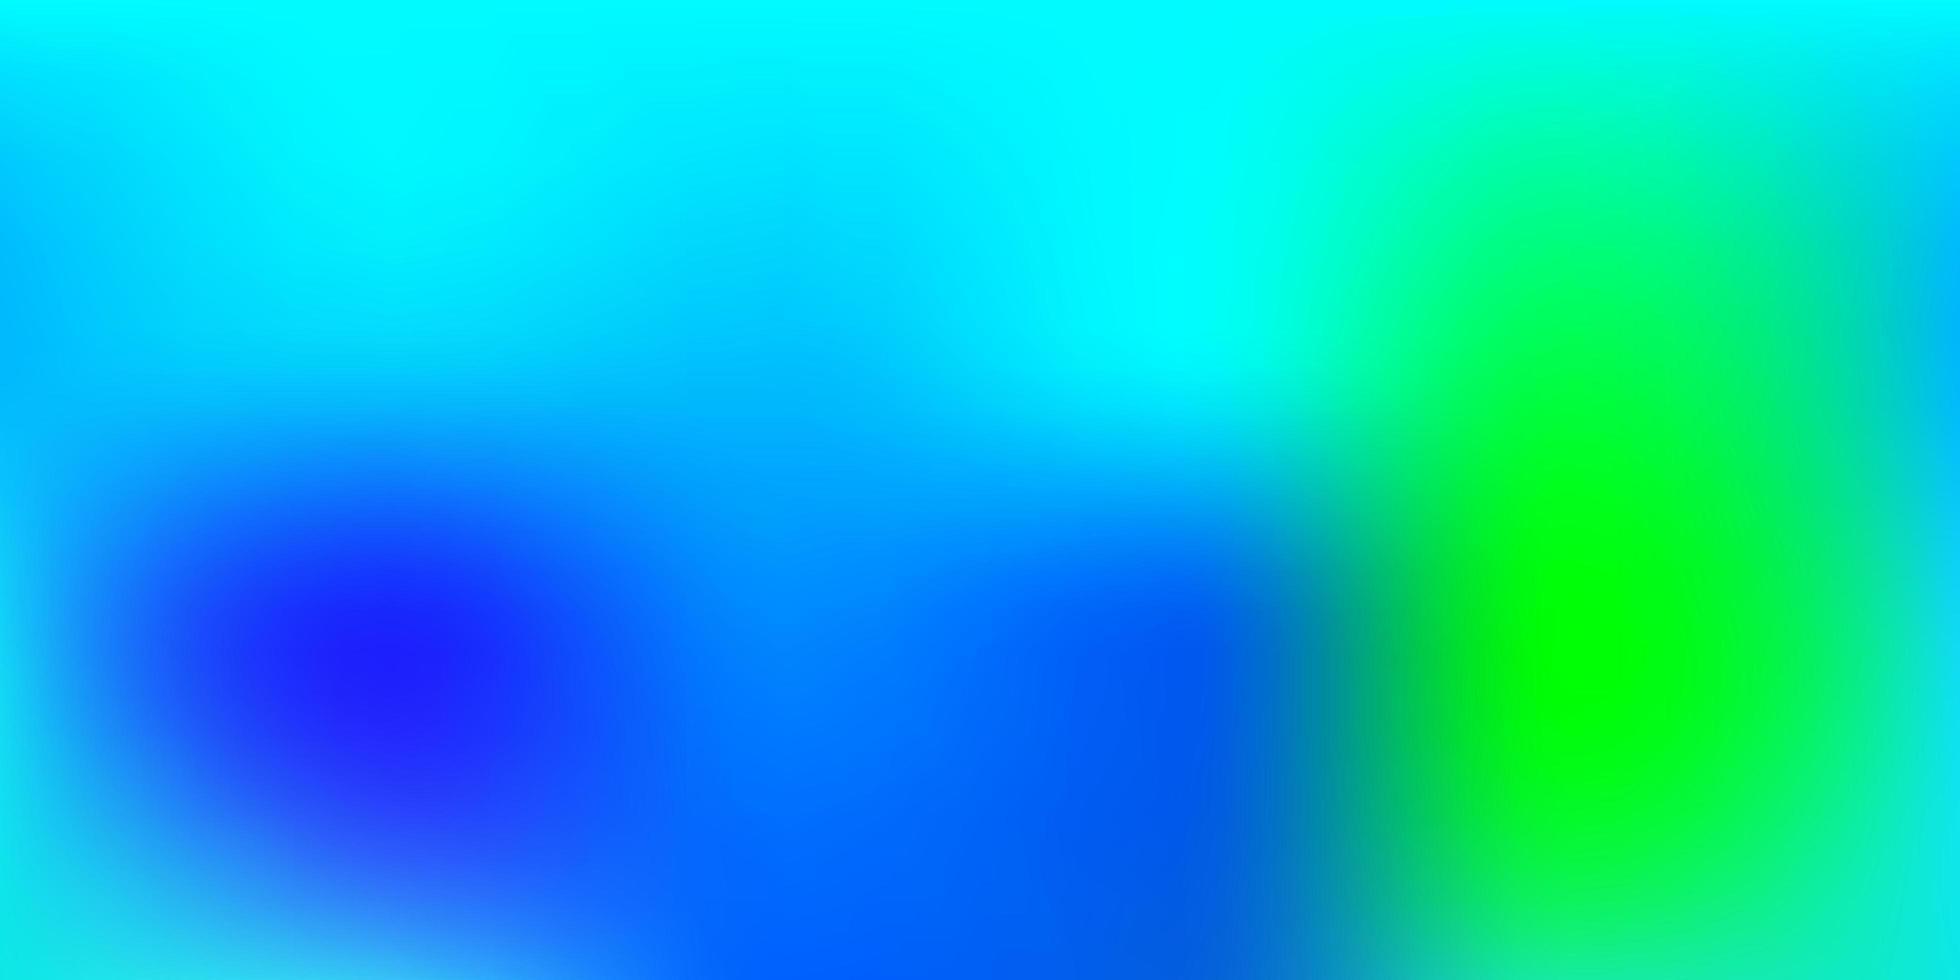 lichtblauwe, groene achtergrond wazig. vector